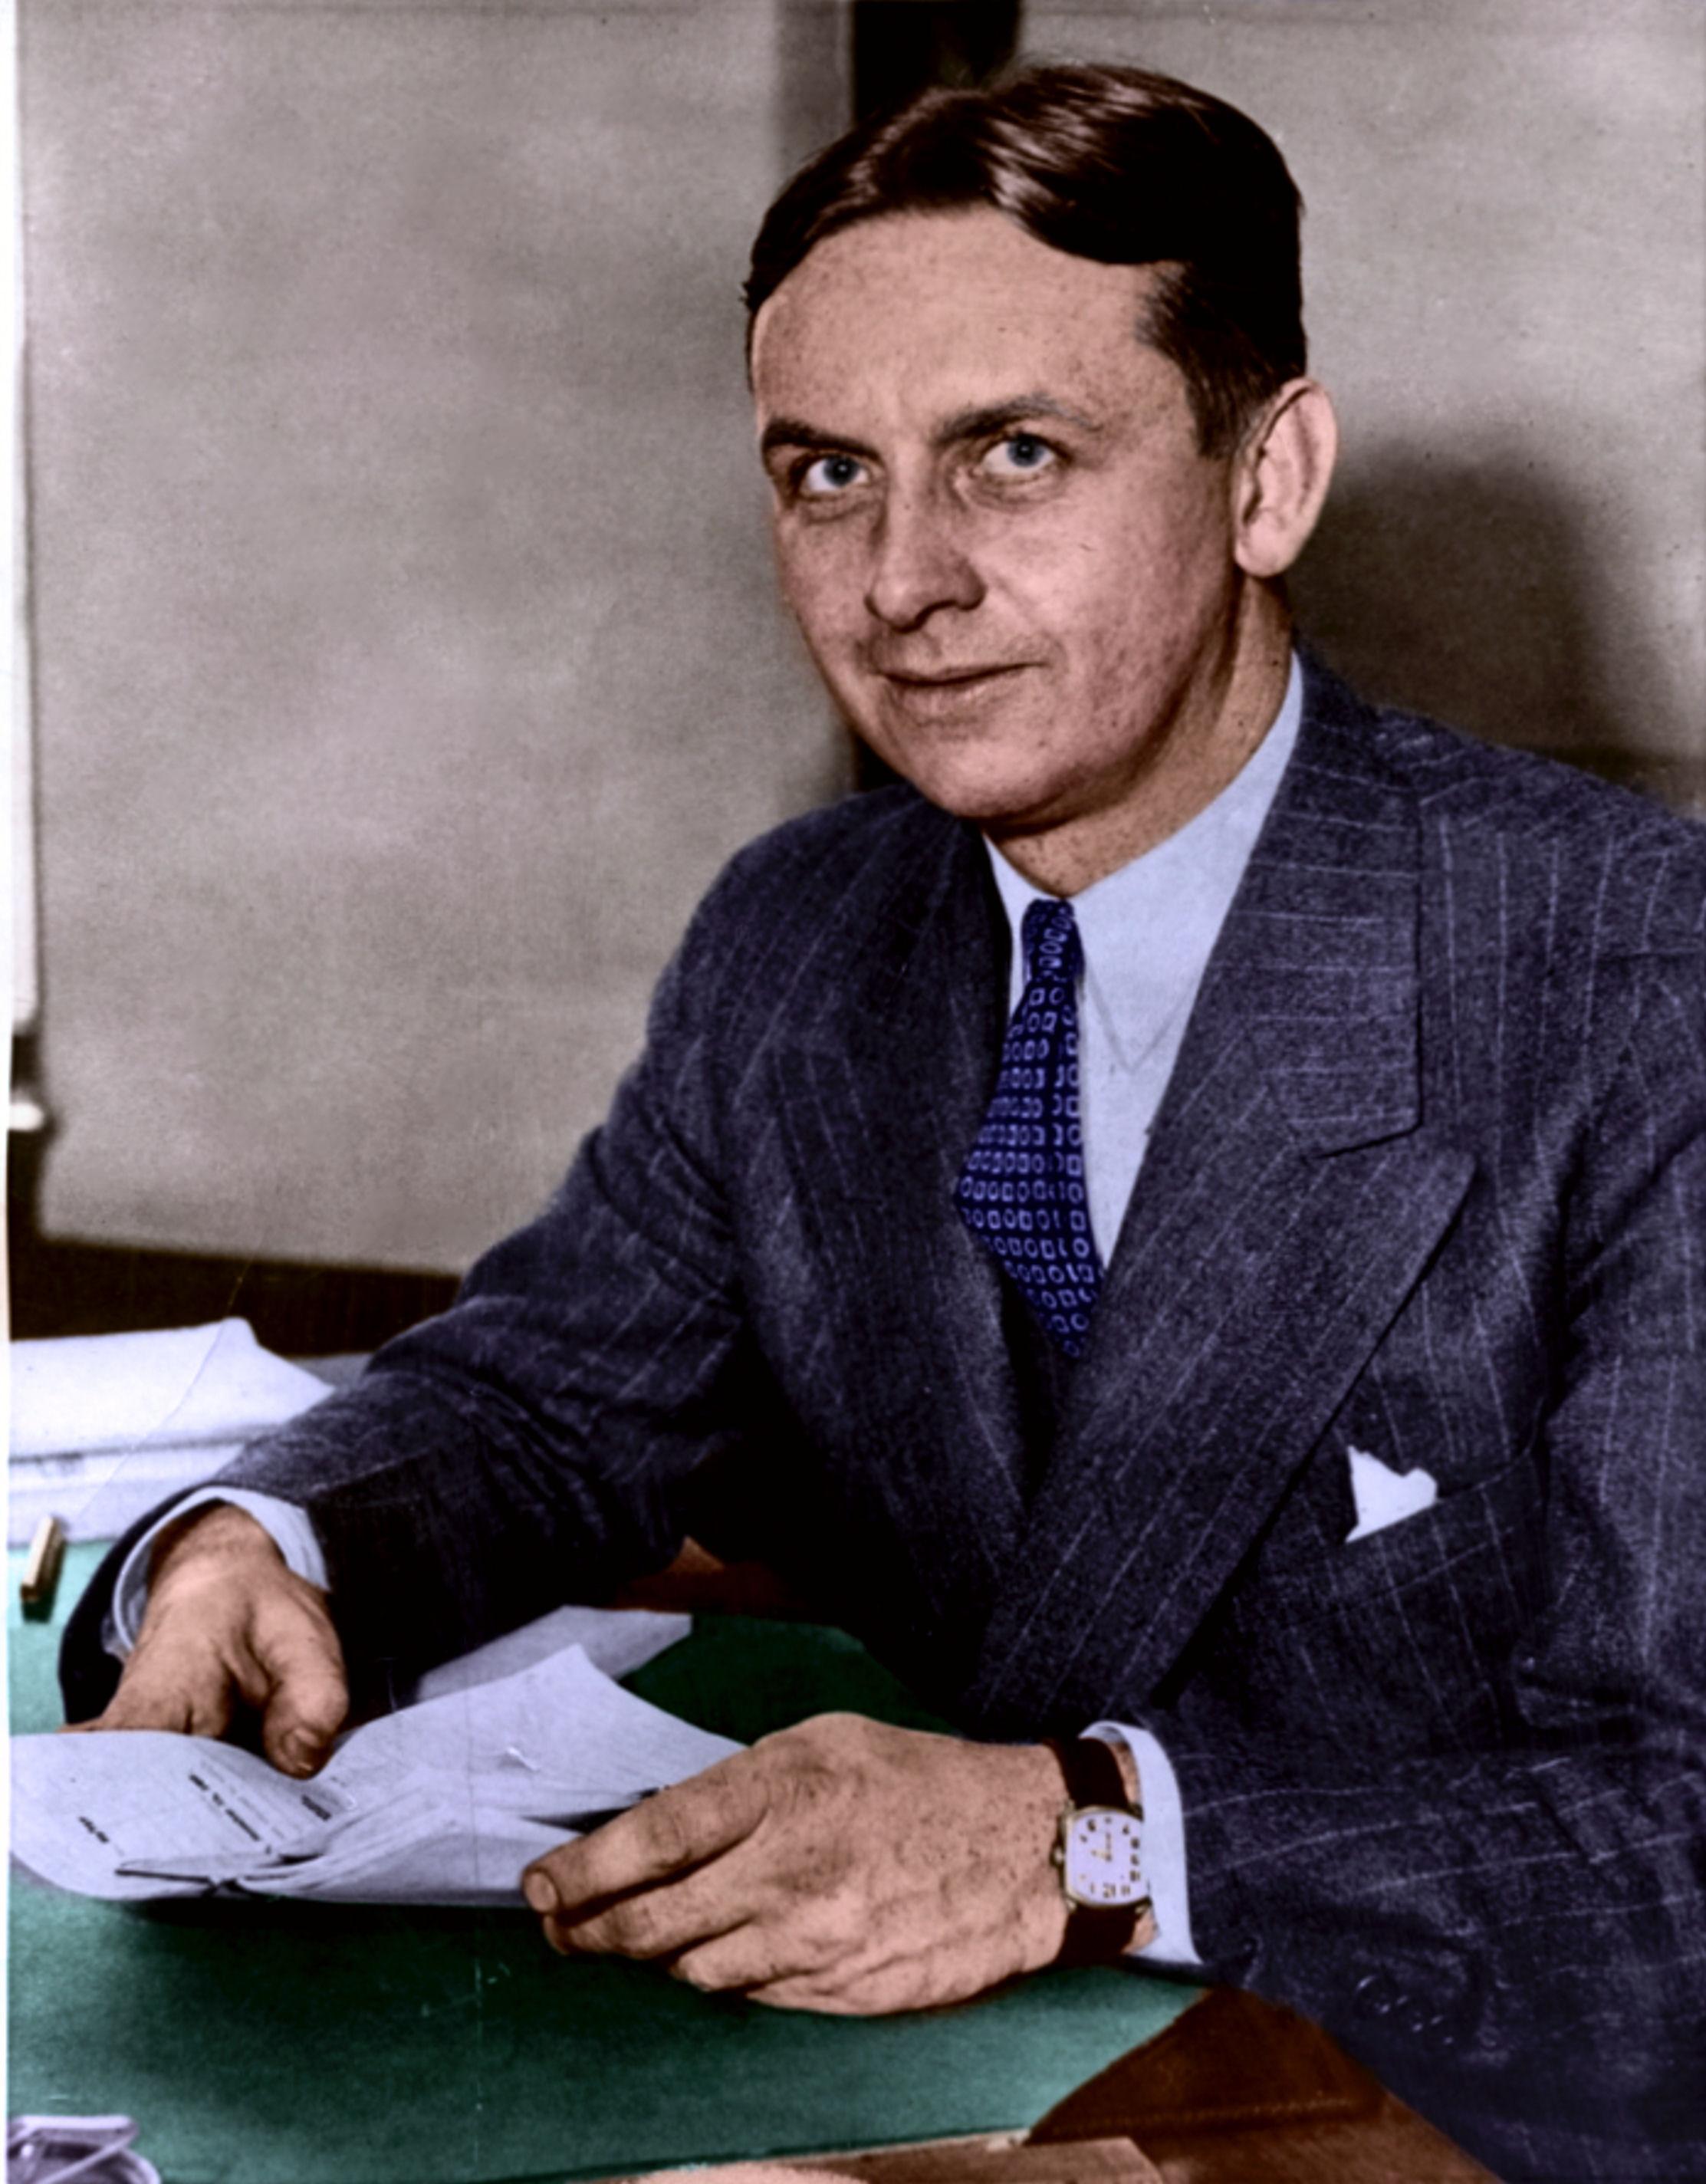 eliot-ness-november-17-1937.jpg